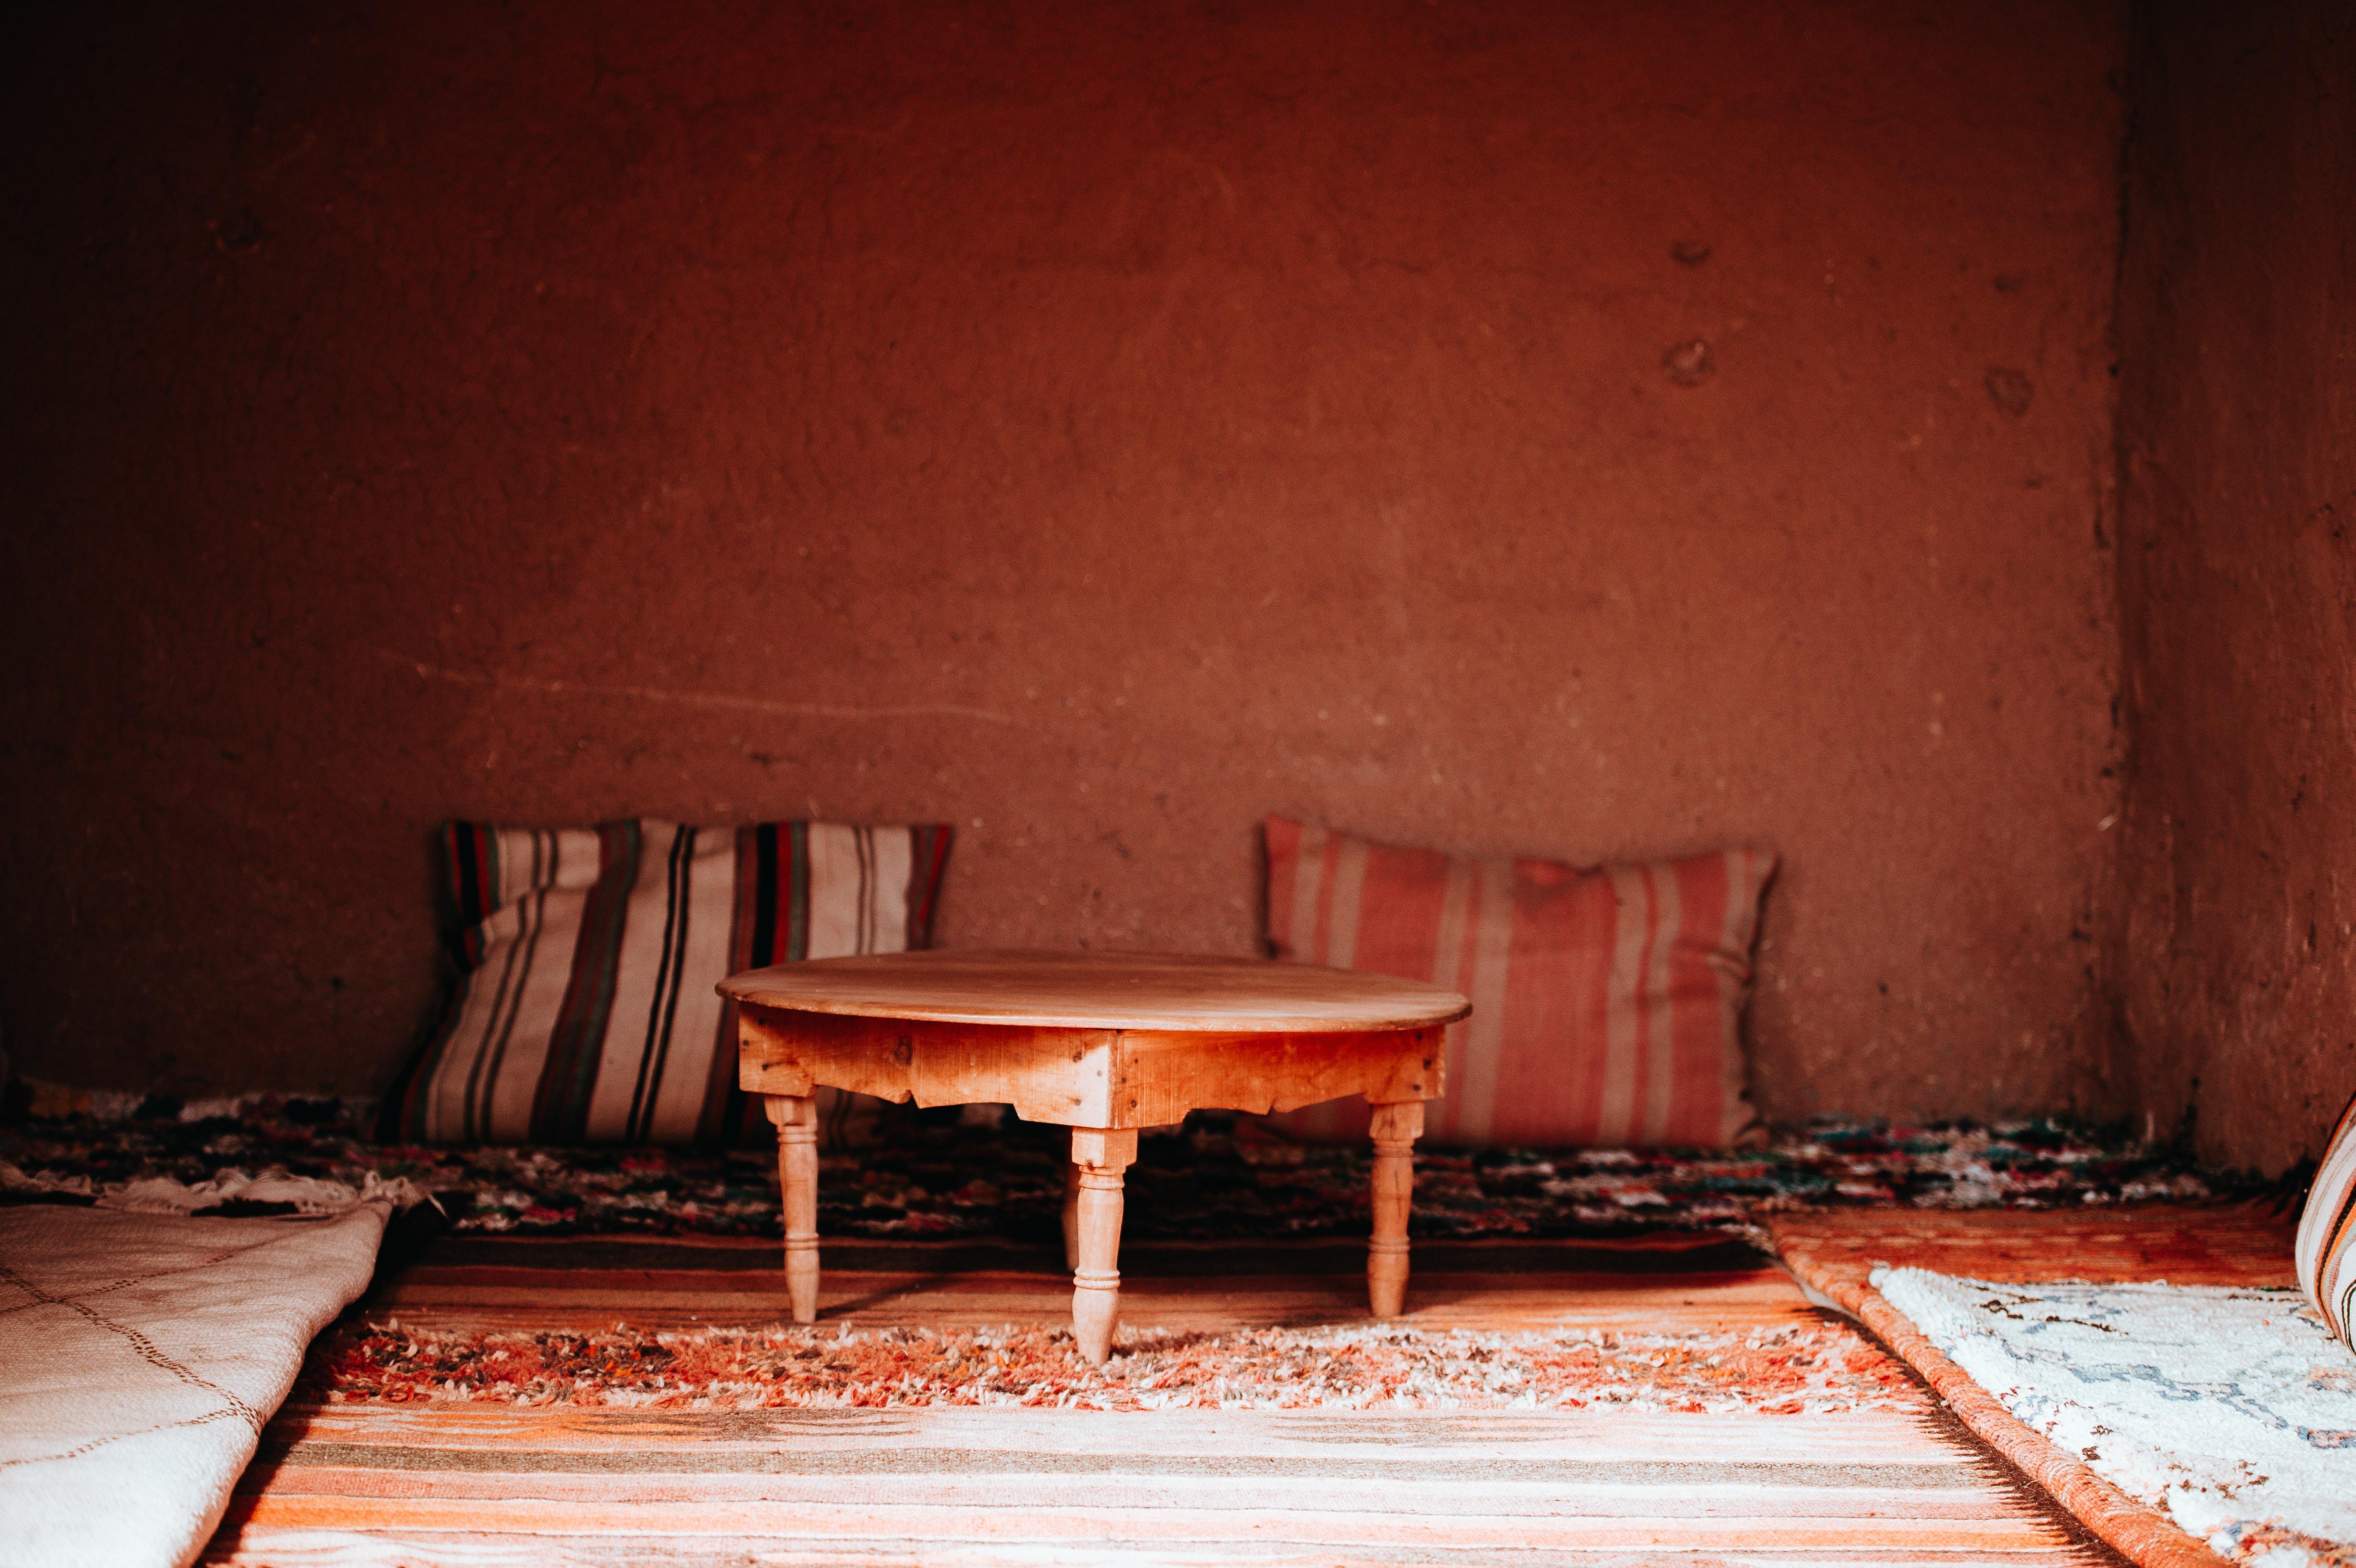 Jaki dywan powinien wybrać alergik?